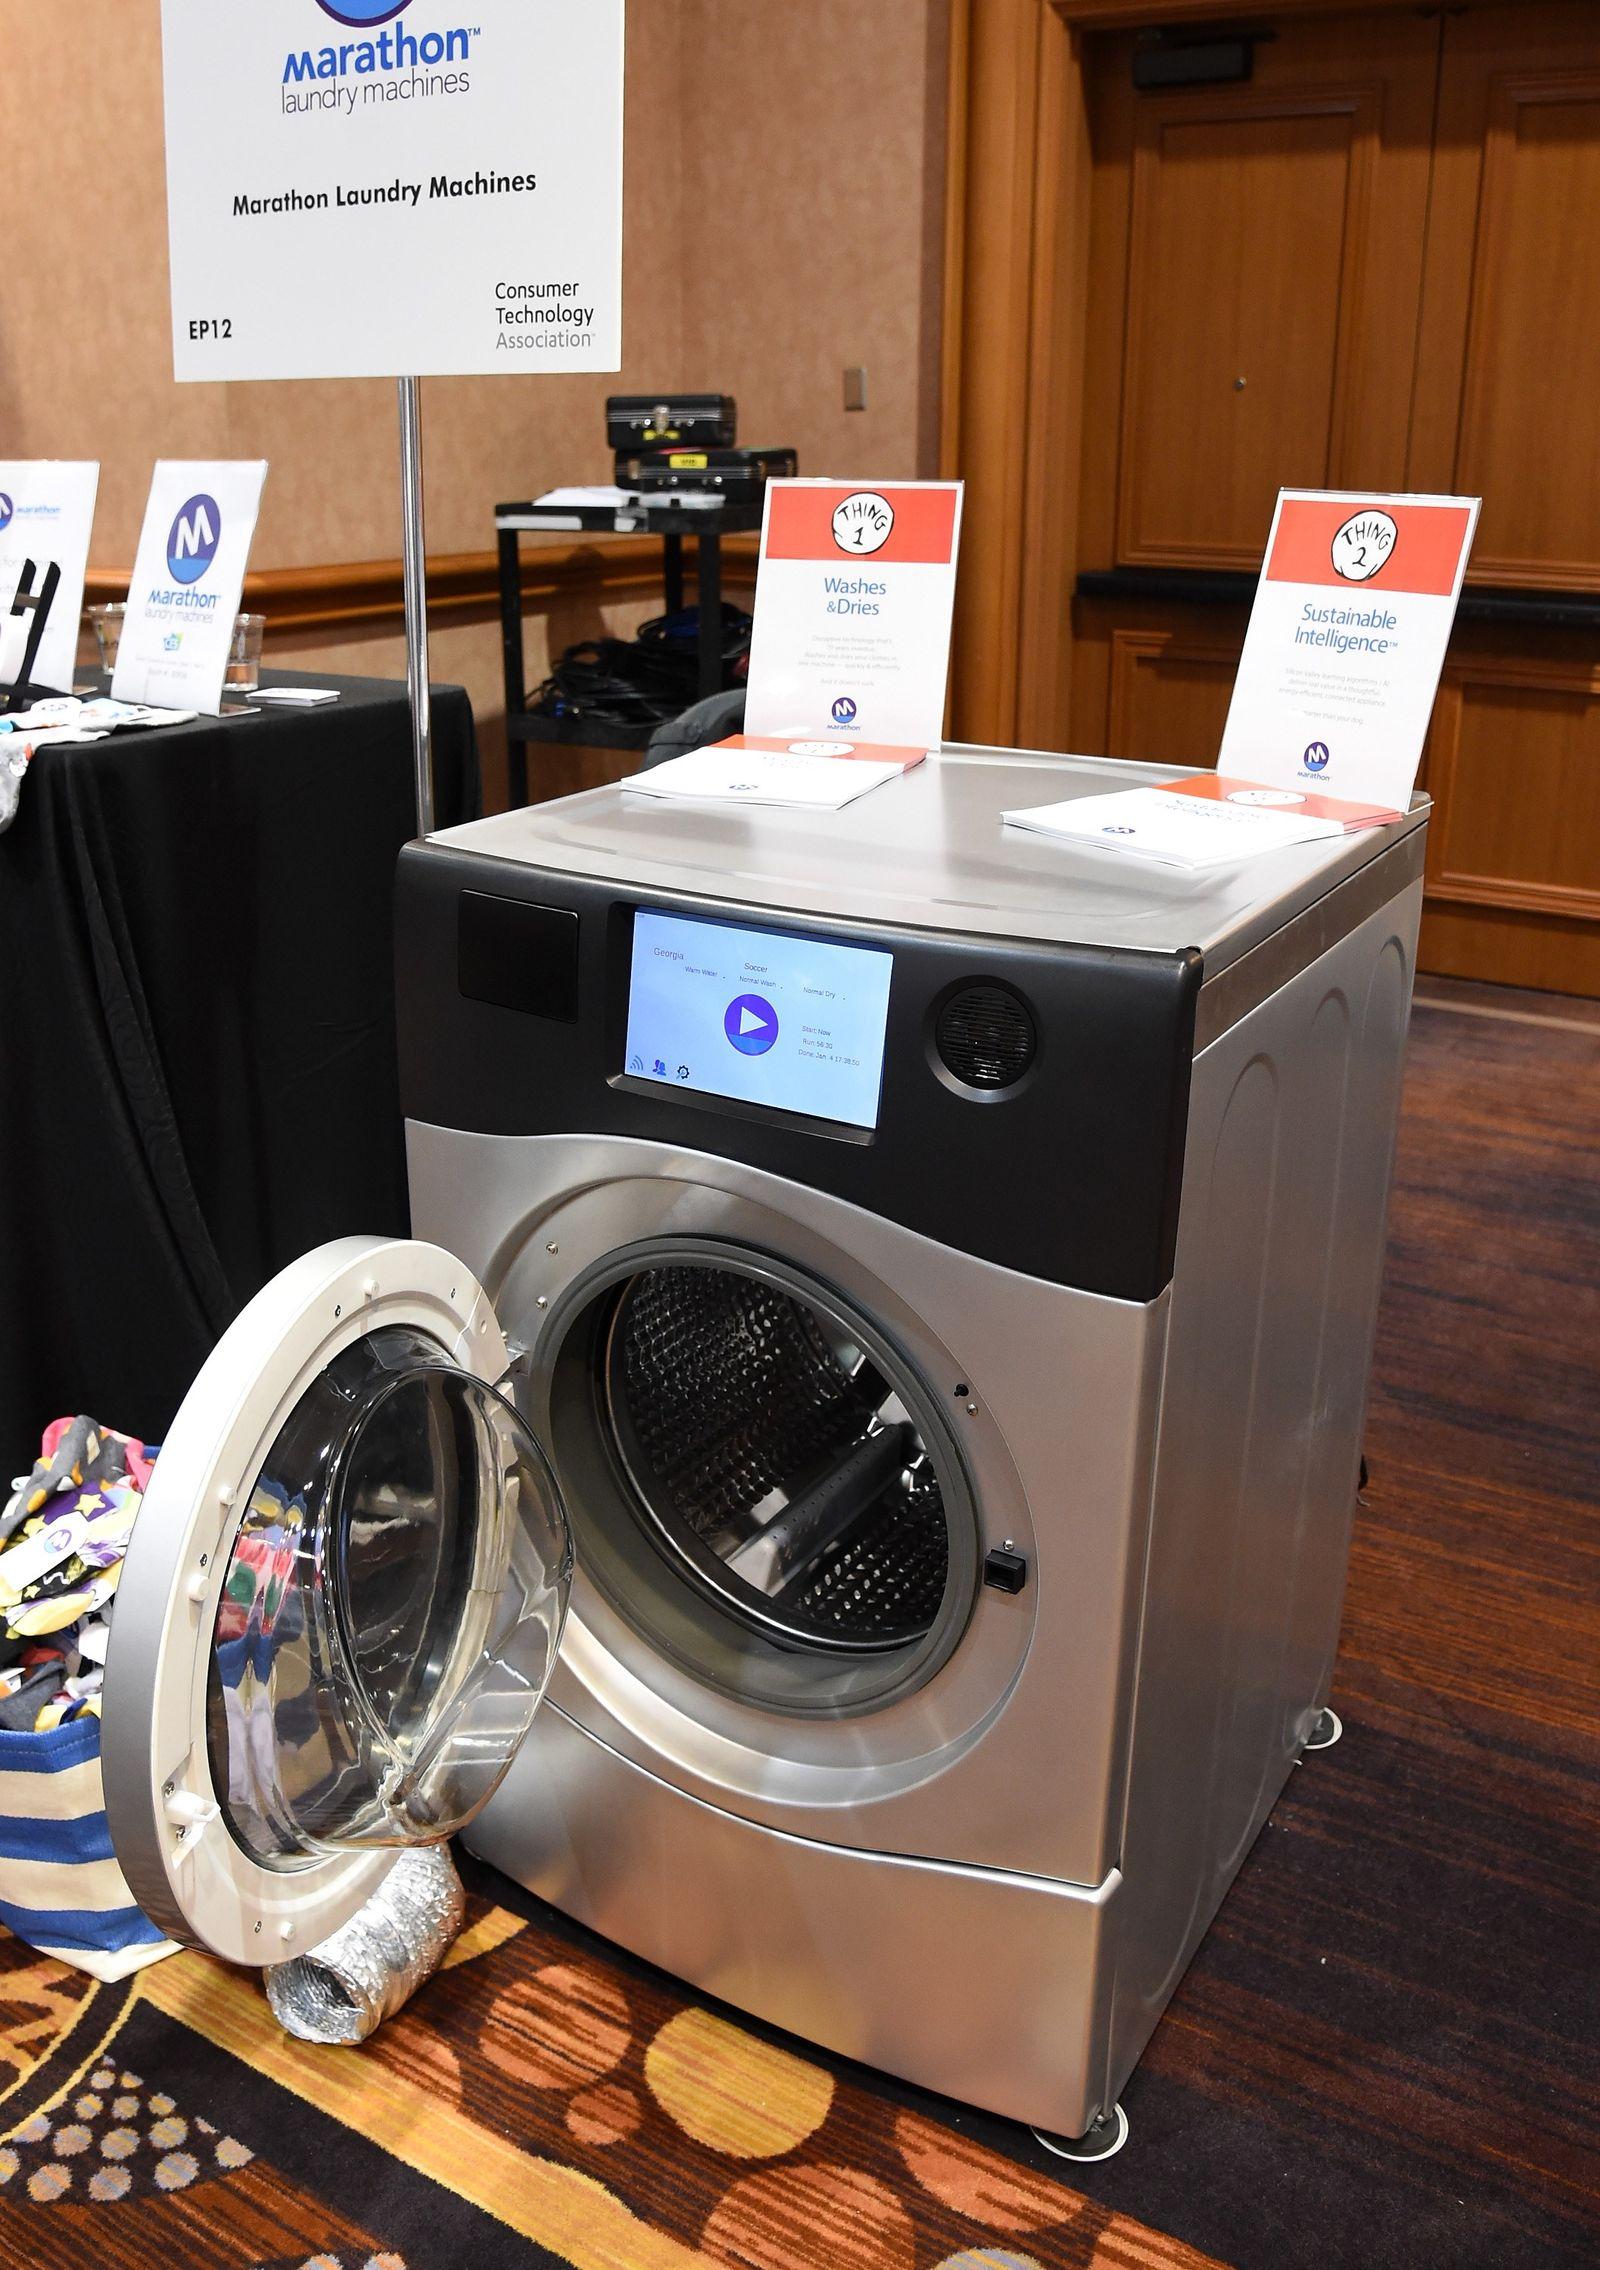 Marathon / Waschtrockner / Waschmaschine